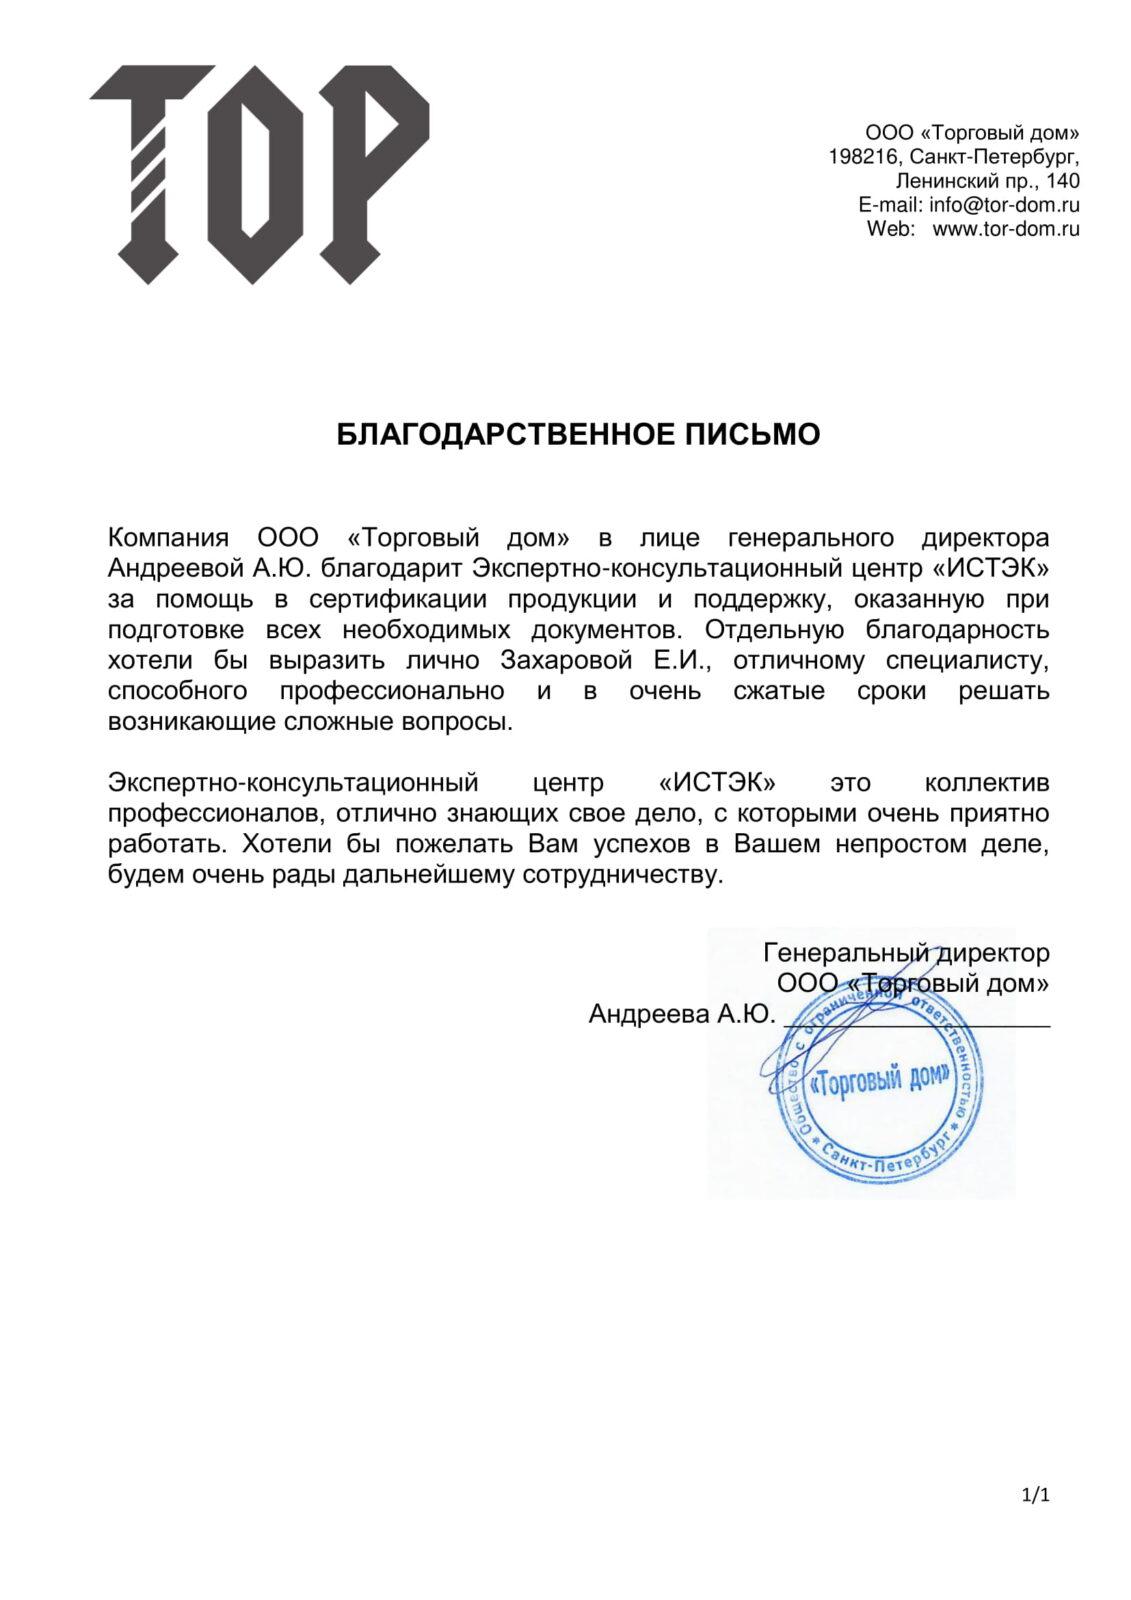 Сертификация продукции - Отзыв АНО ЭКЦ ИСТЭК от ООО